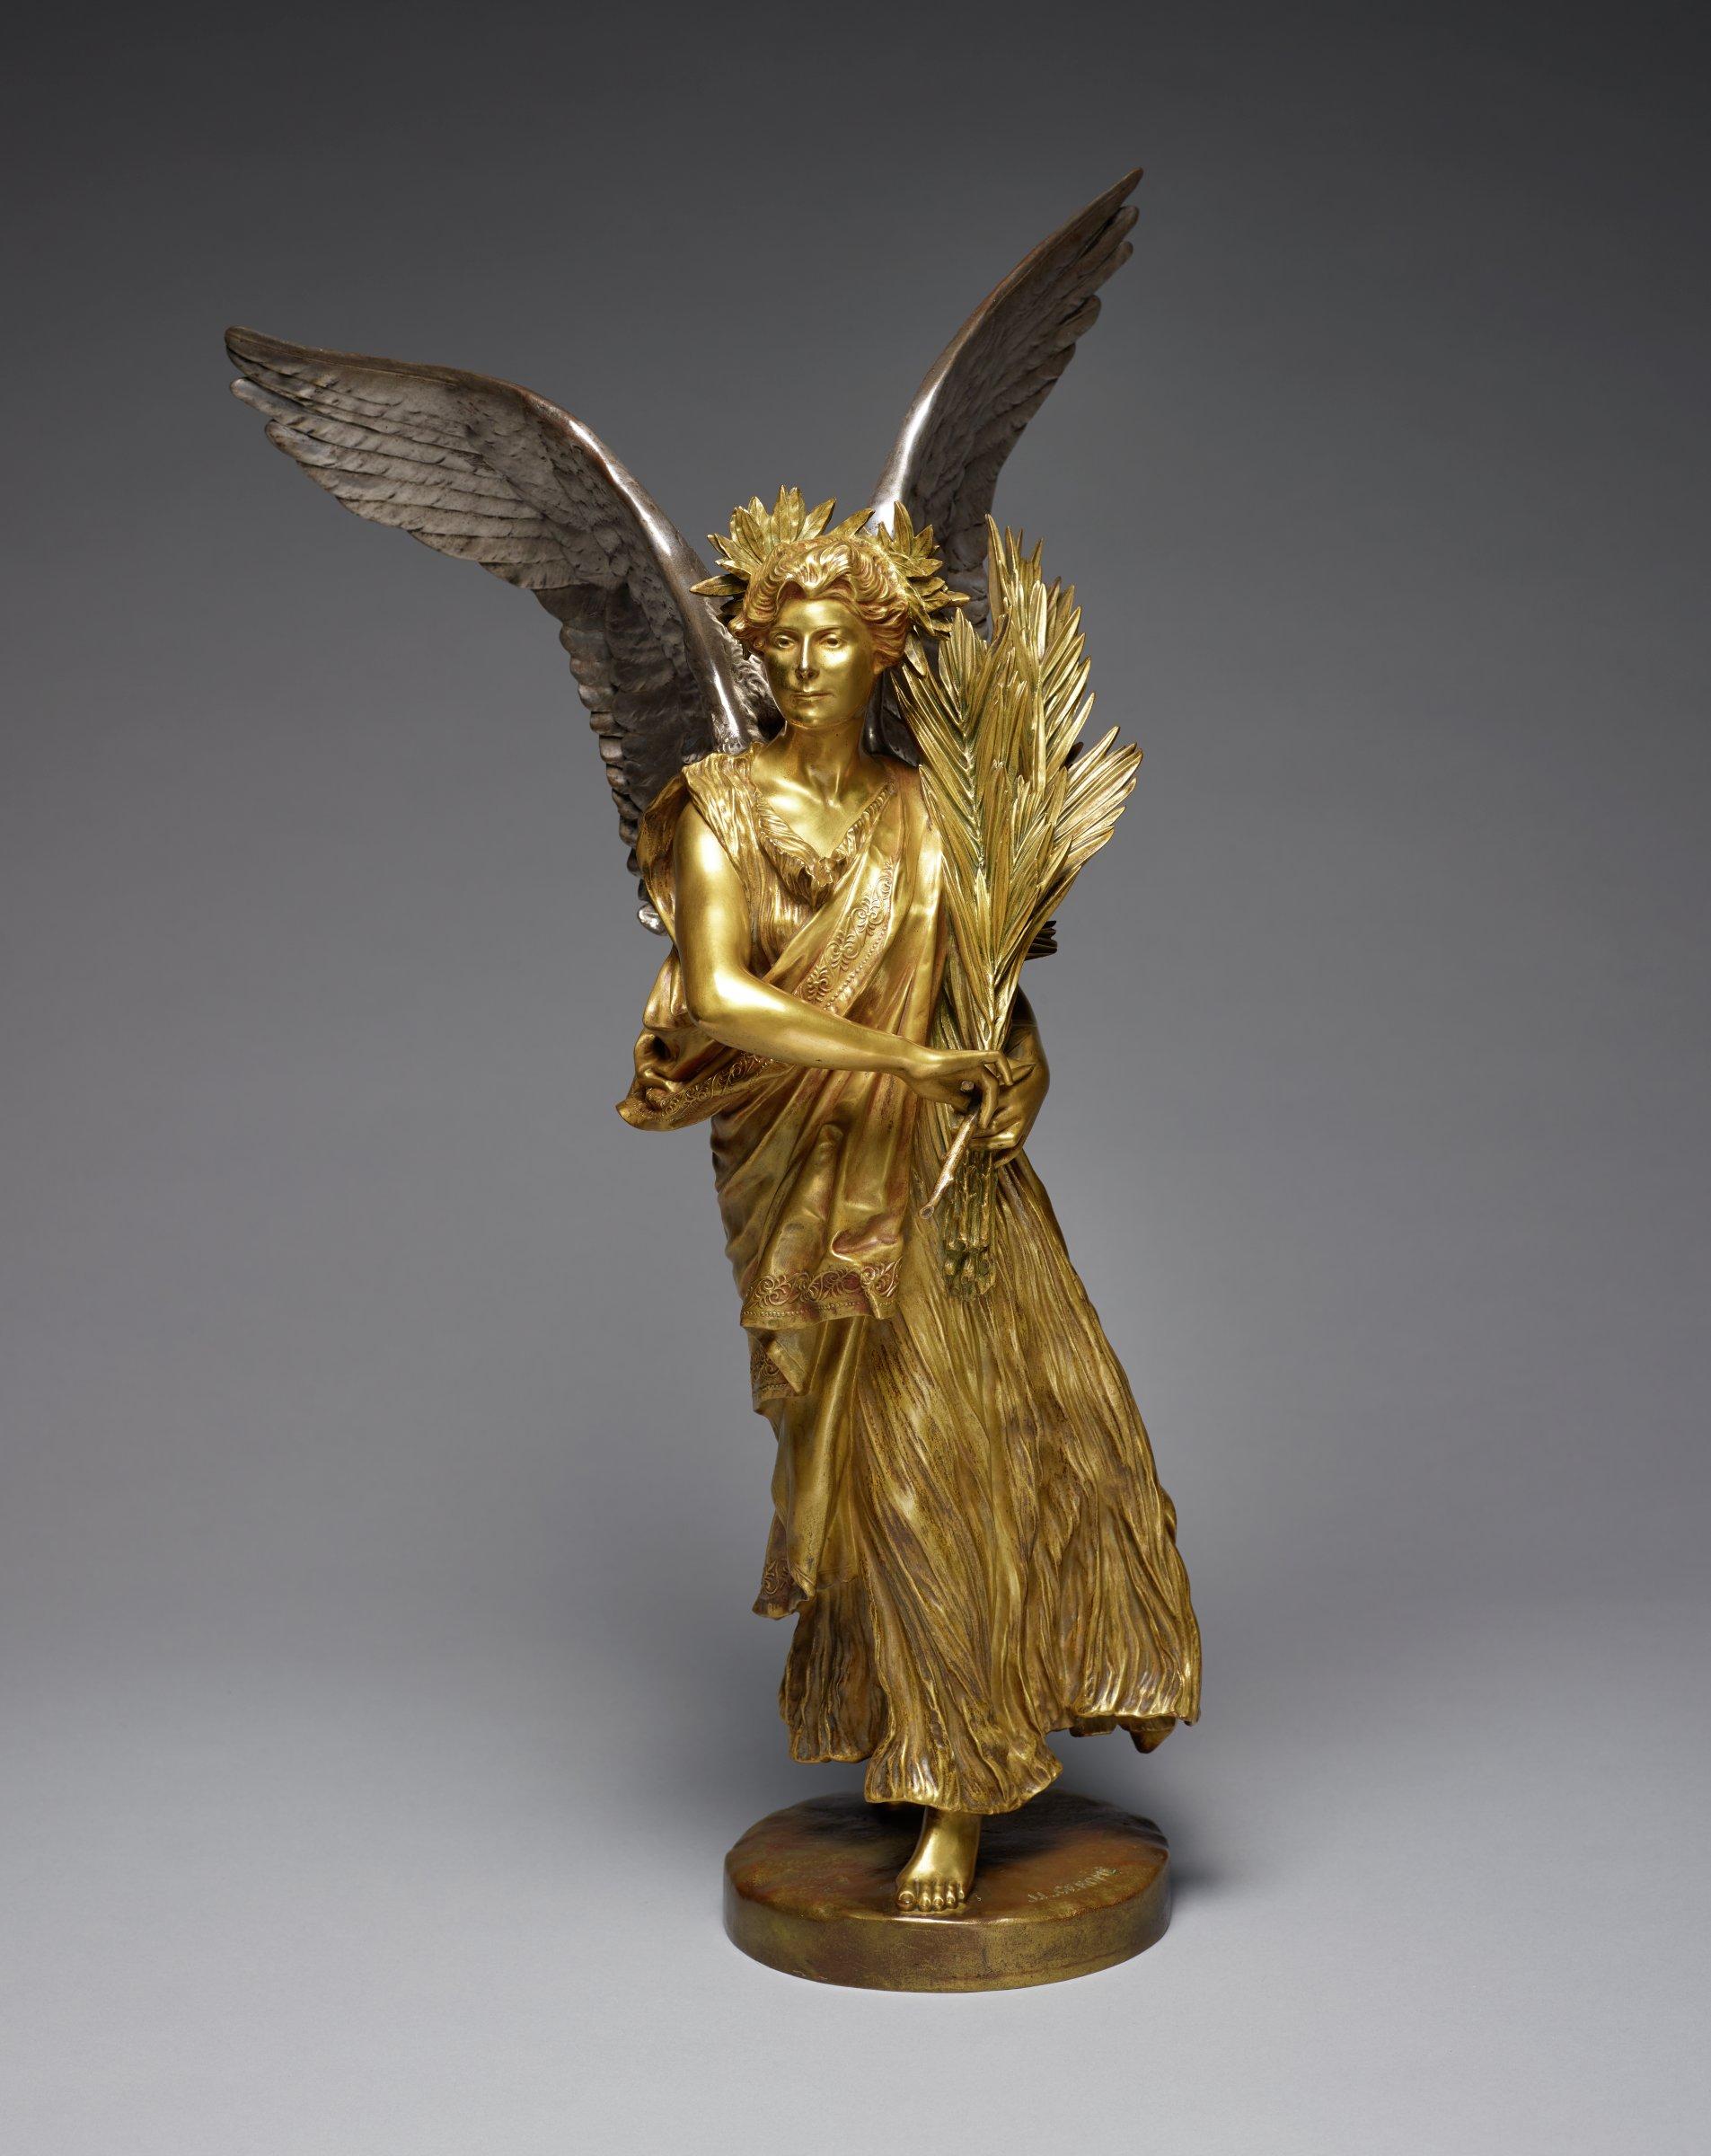 Victoire Marchant, Jean-Léon Gérôme, silvered and gilt bronze